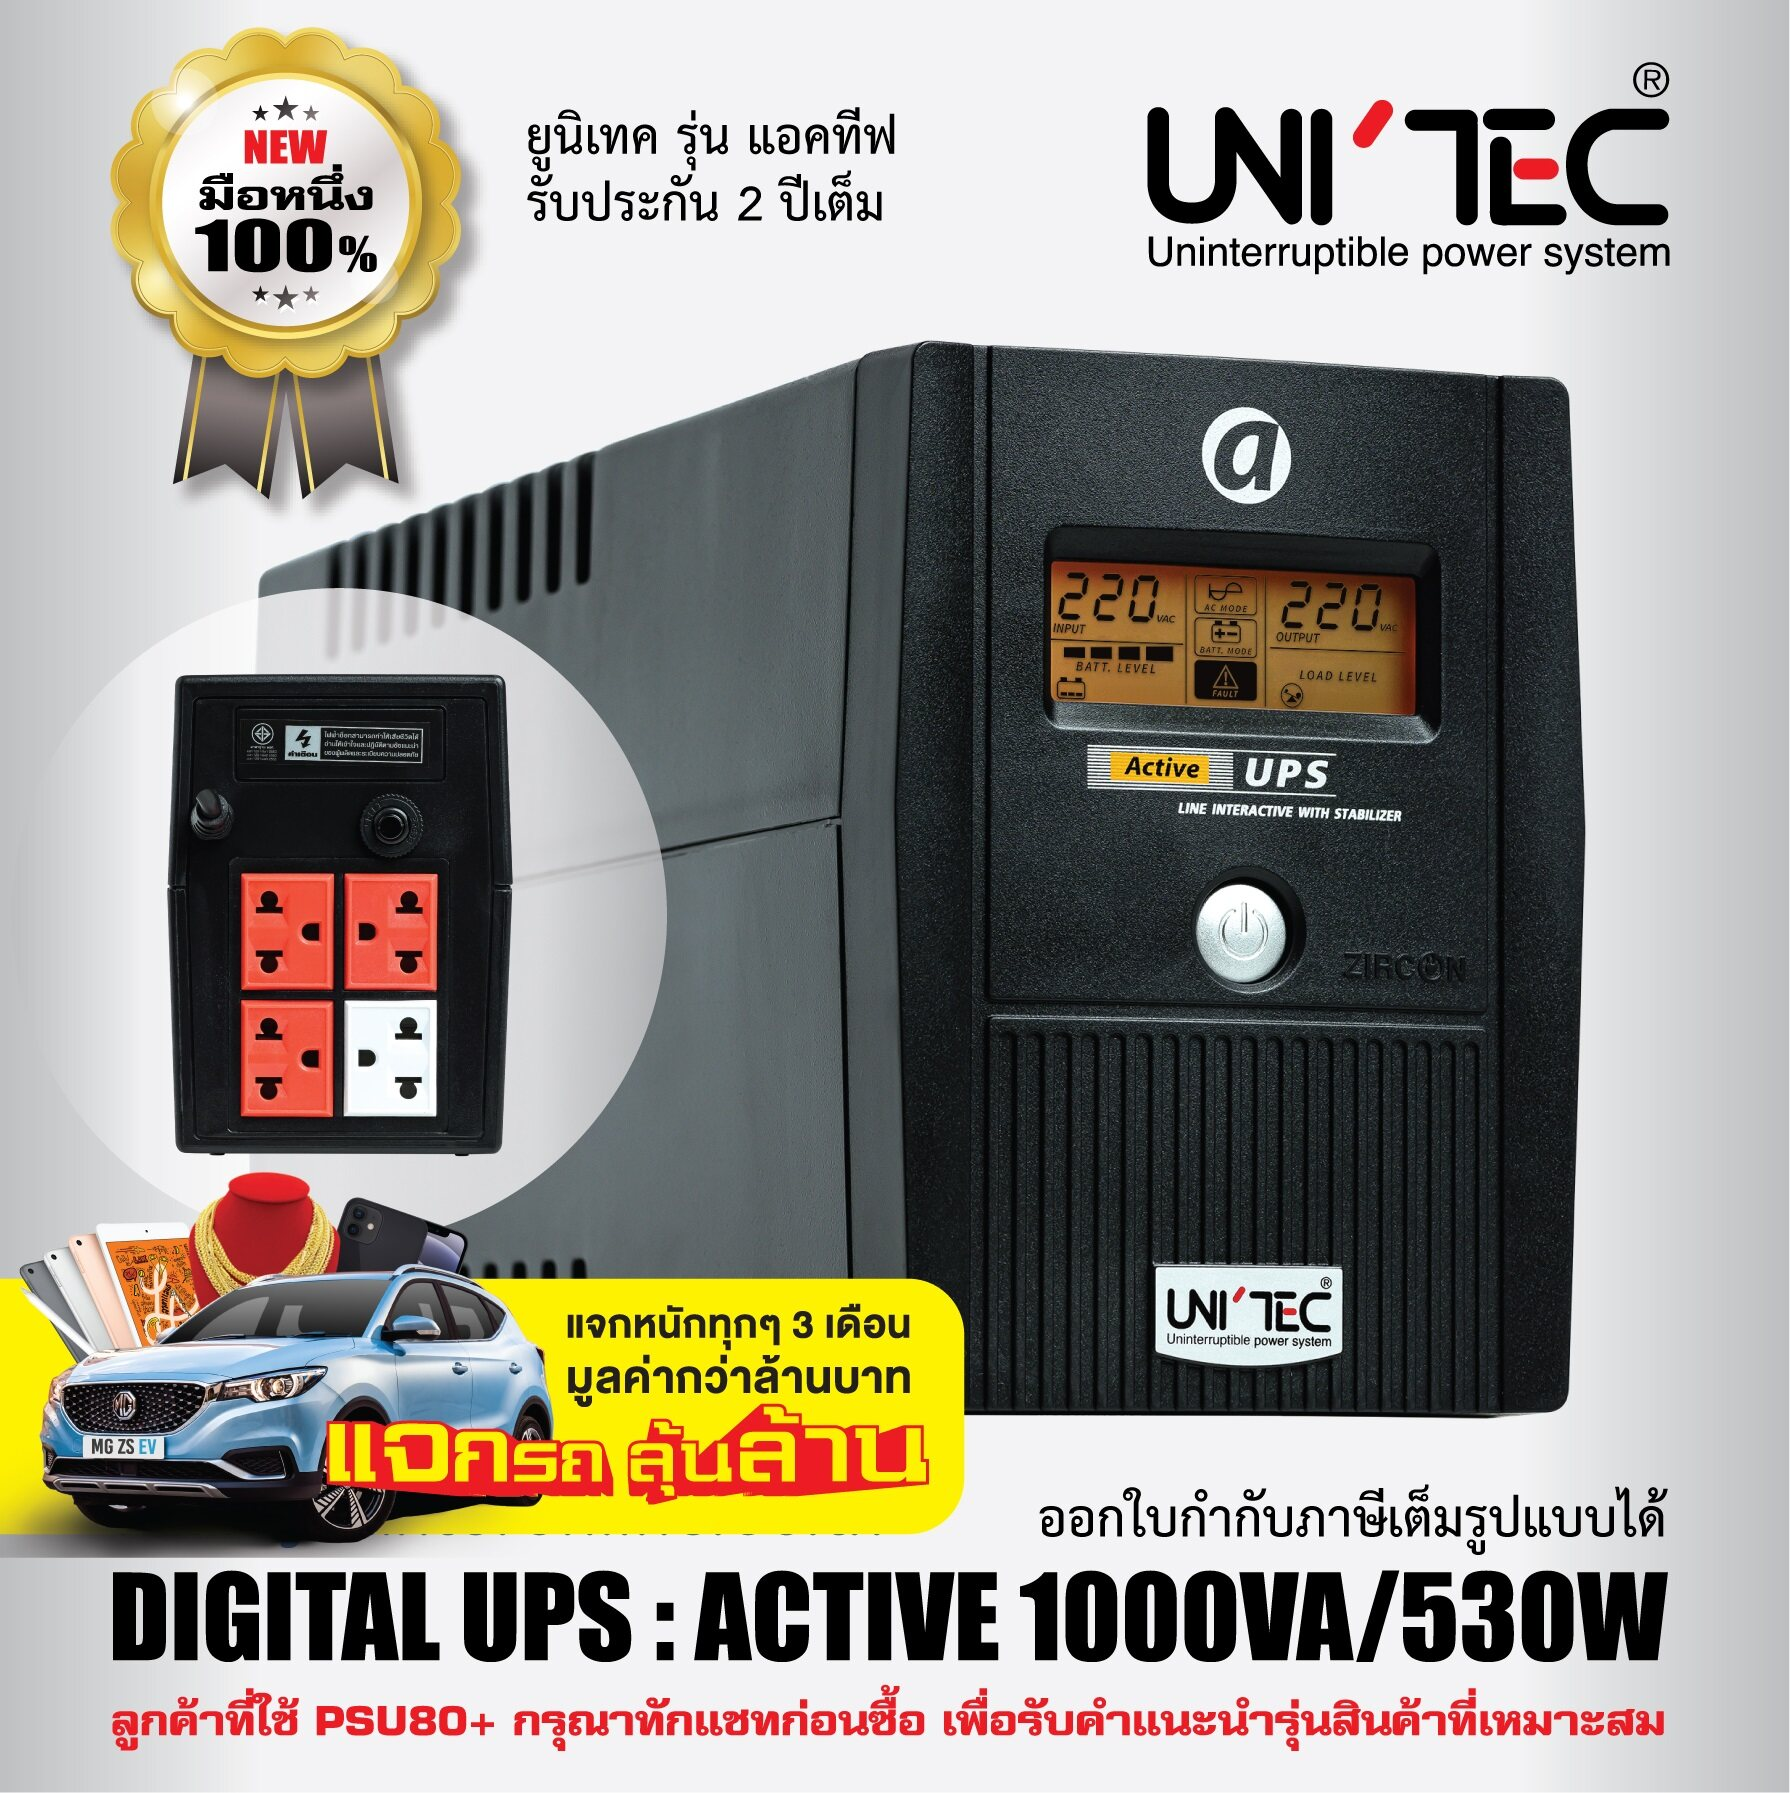 [ฟรีโค๊ดส่วนลดอีก100บาท] Active 1000va/530w Ups By Unitec มือหนึ่ง ล็อตใหม่100% หน้าจอดิจิทัล ประกัน2ปี [แจกรถลุ้นล้าน].